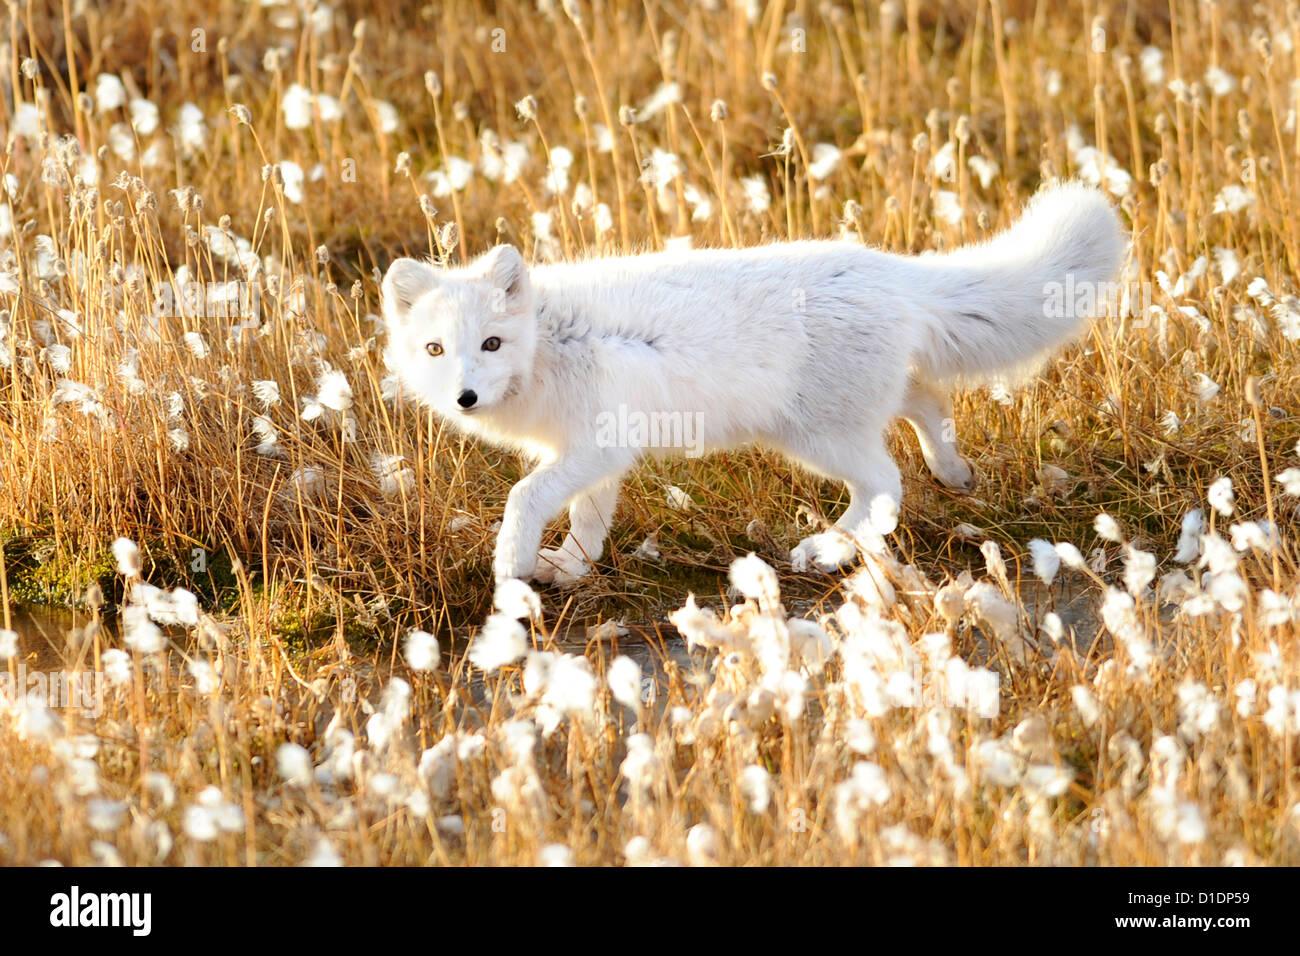 Uma raposa do árctico passeios por grama de algodão de setembro 17, 2012 Pituffik, Gronelândia. Imagens de Stock